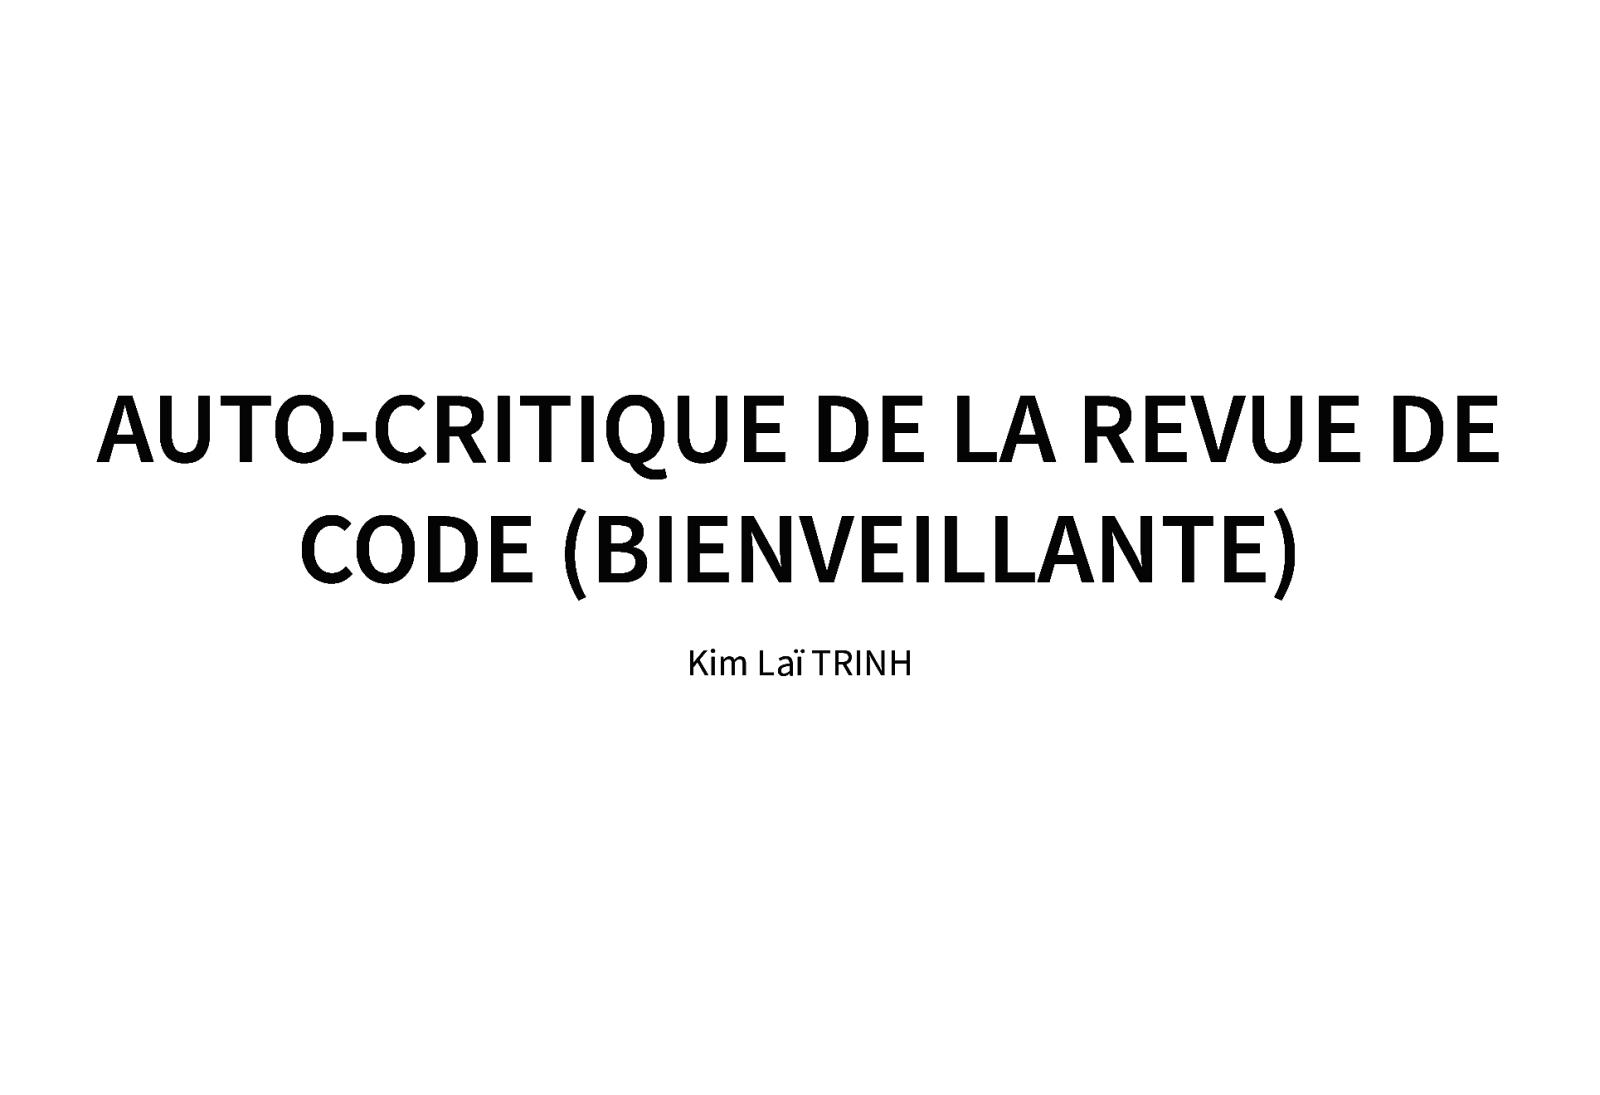 Auto-critique de la revue de code (bienveillante)